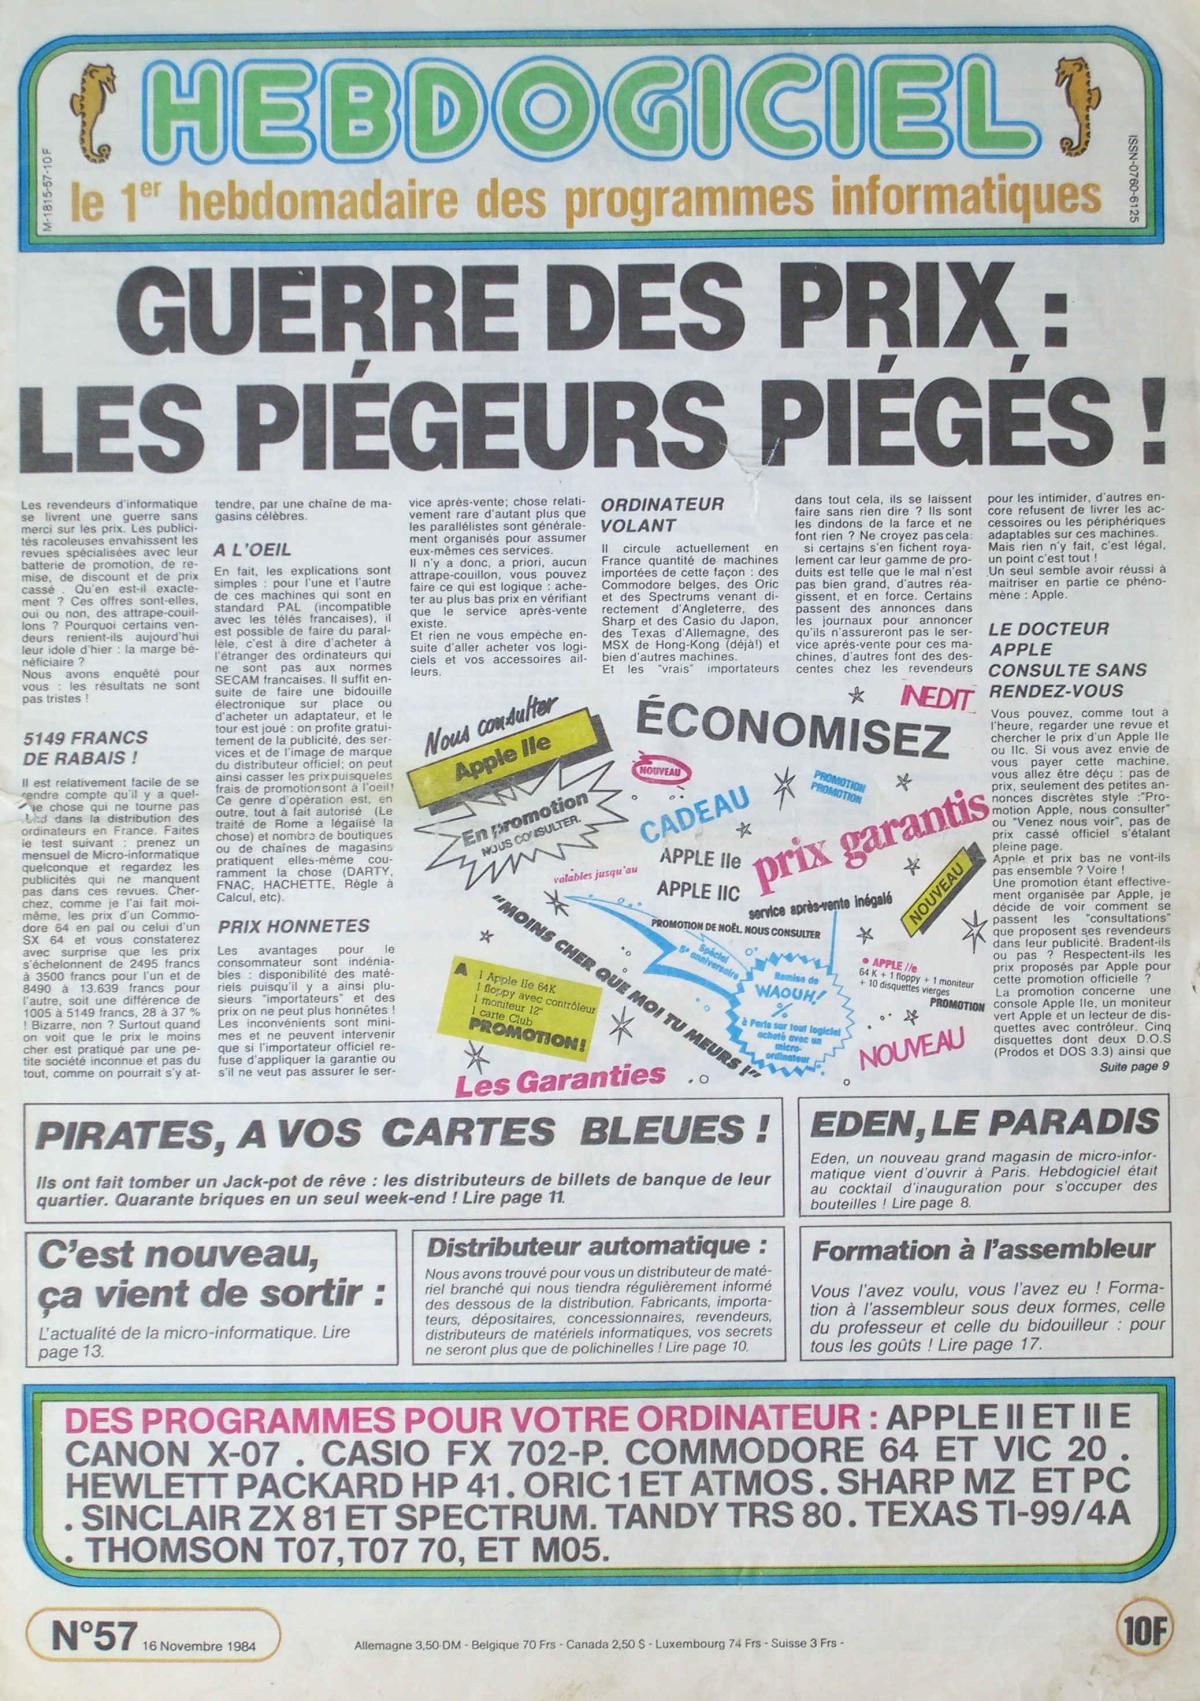 «Pirates, à vos cartes bleues!» Le hackeur est l'une des figures récurrentes de la presse des années 1980.